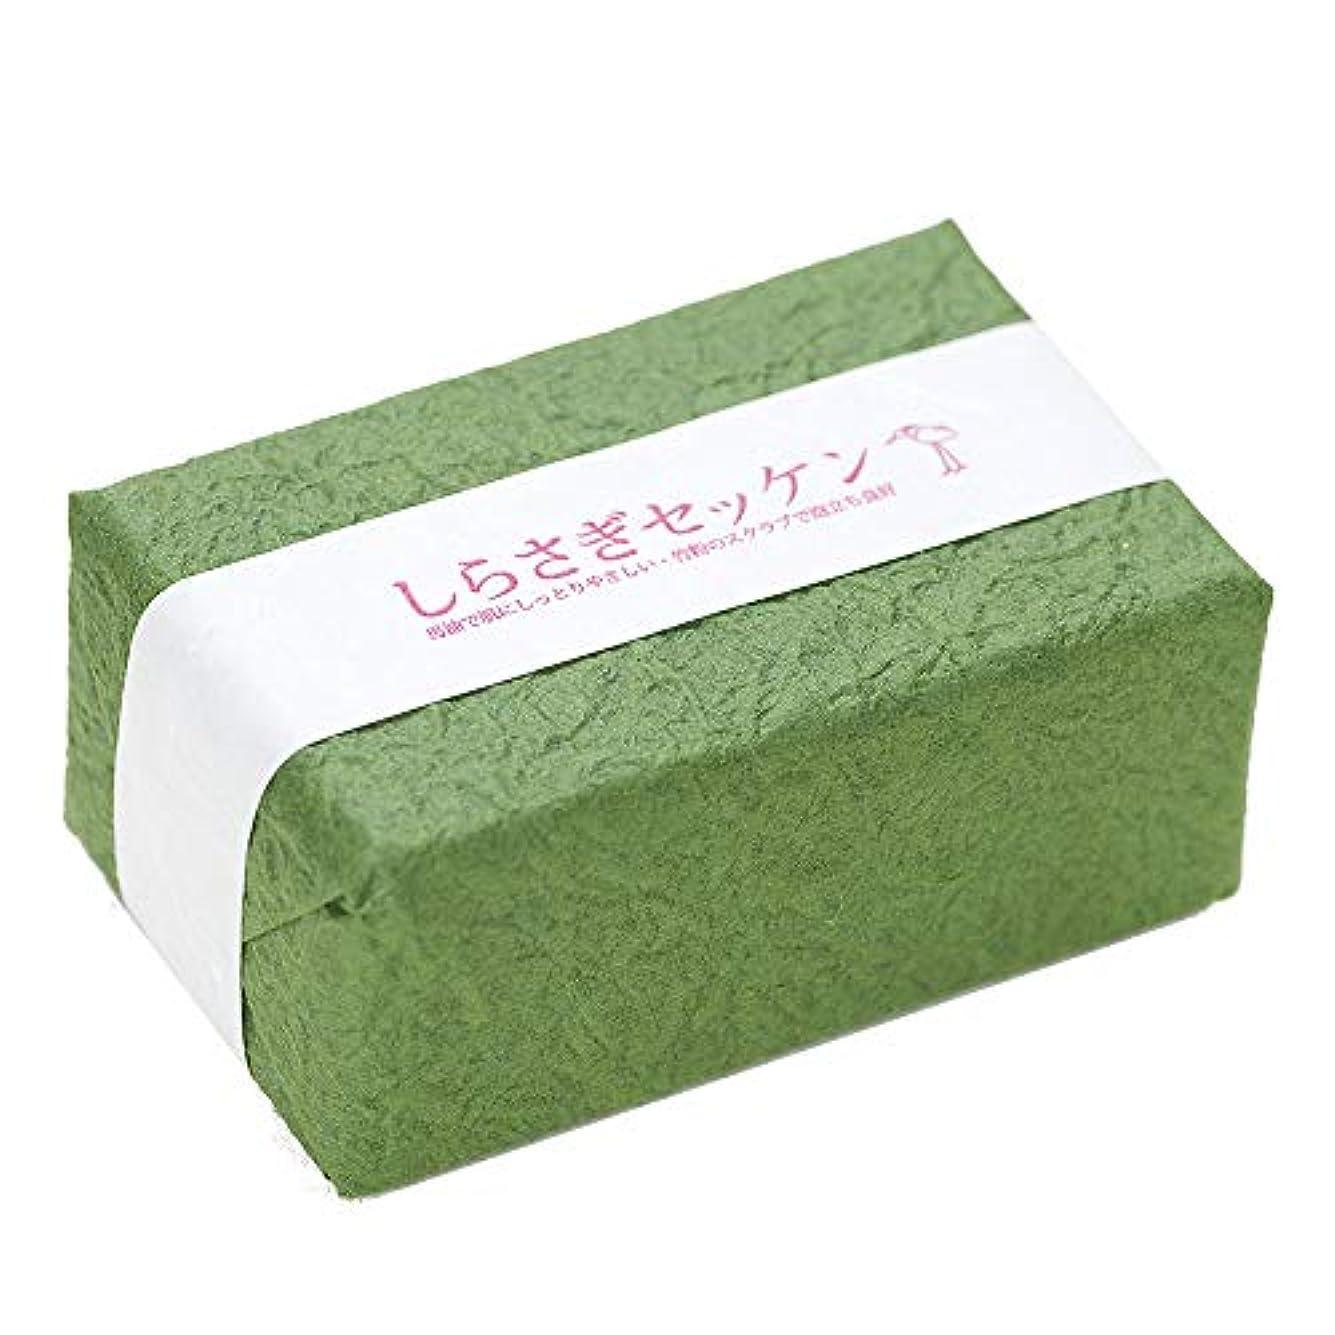 複雑実験室お酢しらさぎセッケン (馬油 ココナツオイル 竹粉 天然成分 保湿石鹸)